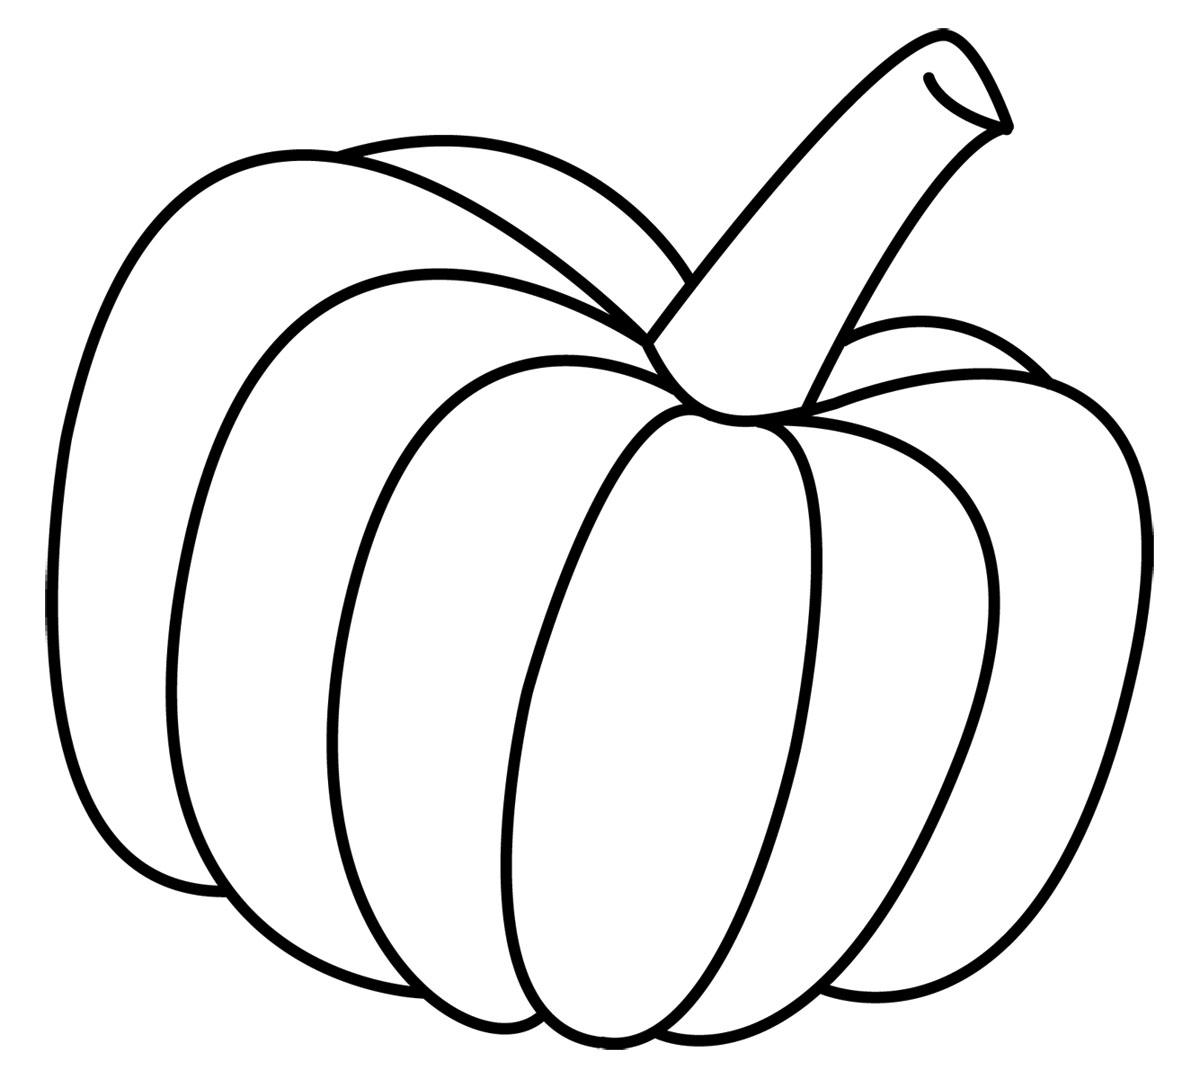 Pumpkin Clip Art Black White Free Clipar-Pumpkin Clip Art Black White Free Clipart Images-12